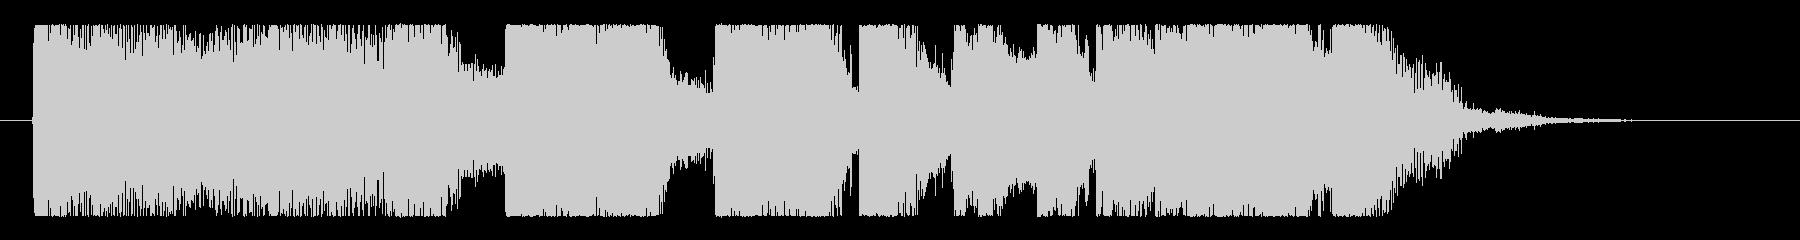 ど迫力!骨太ロックの重低音ロゴ!の未再生の波形